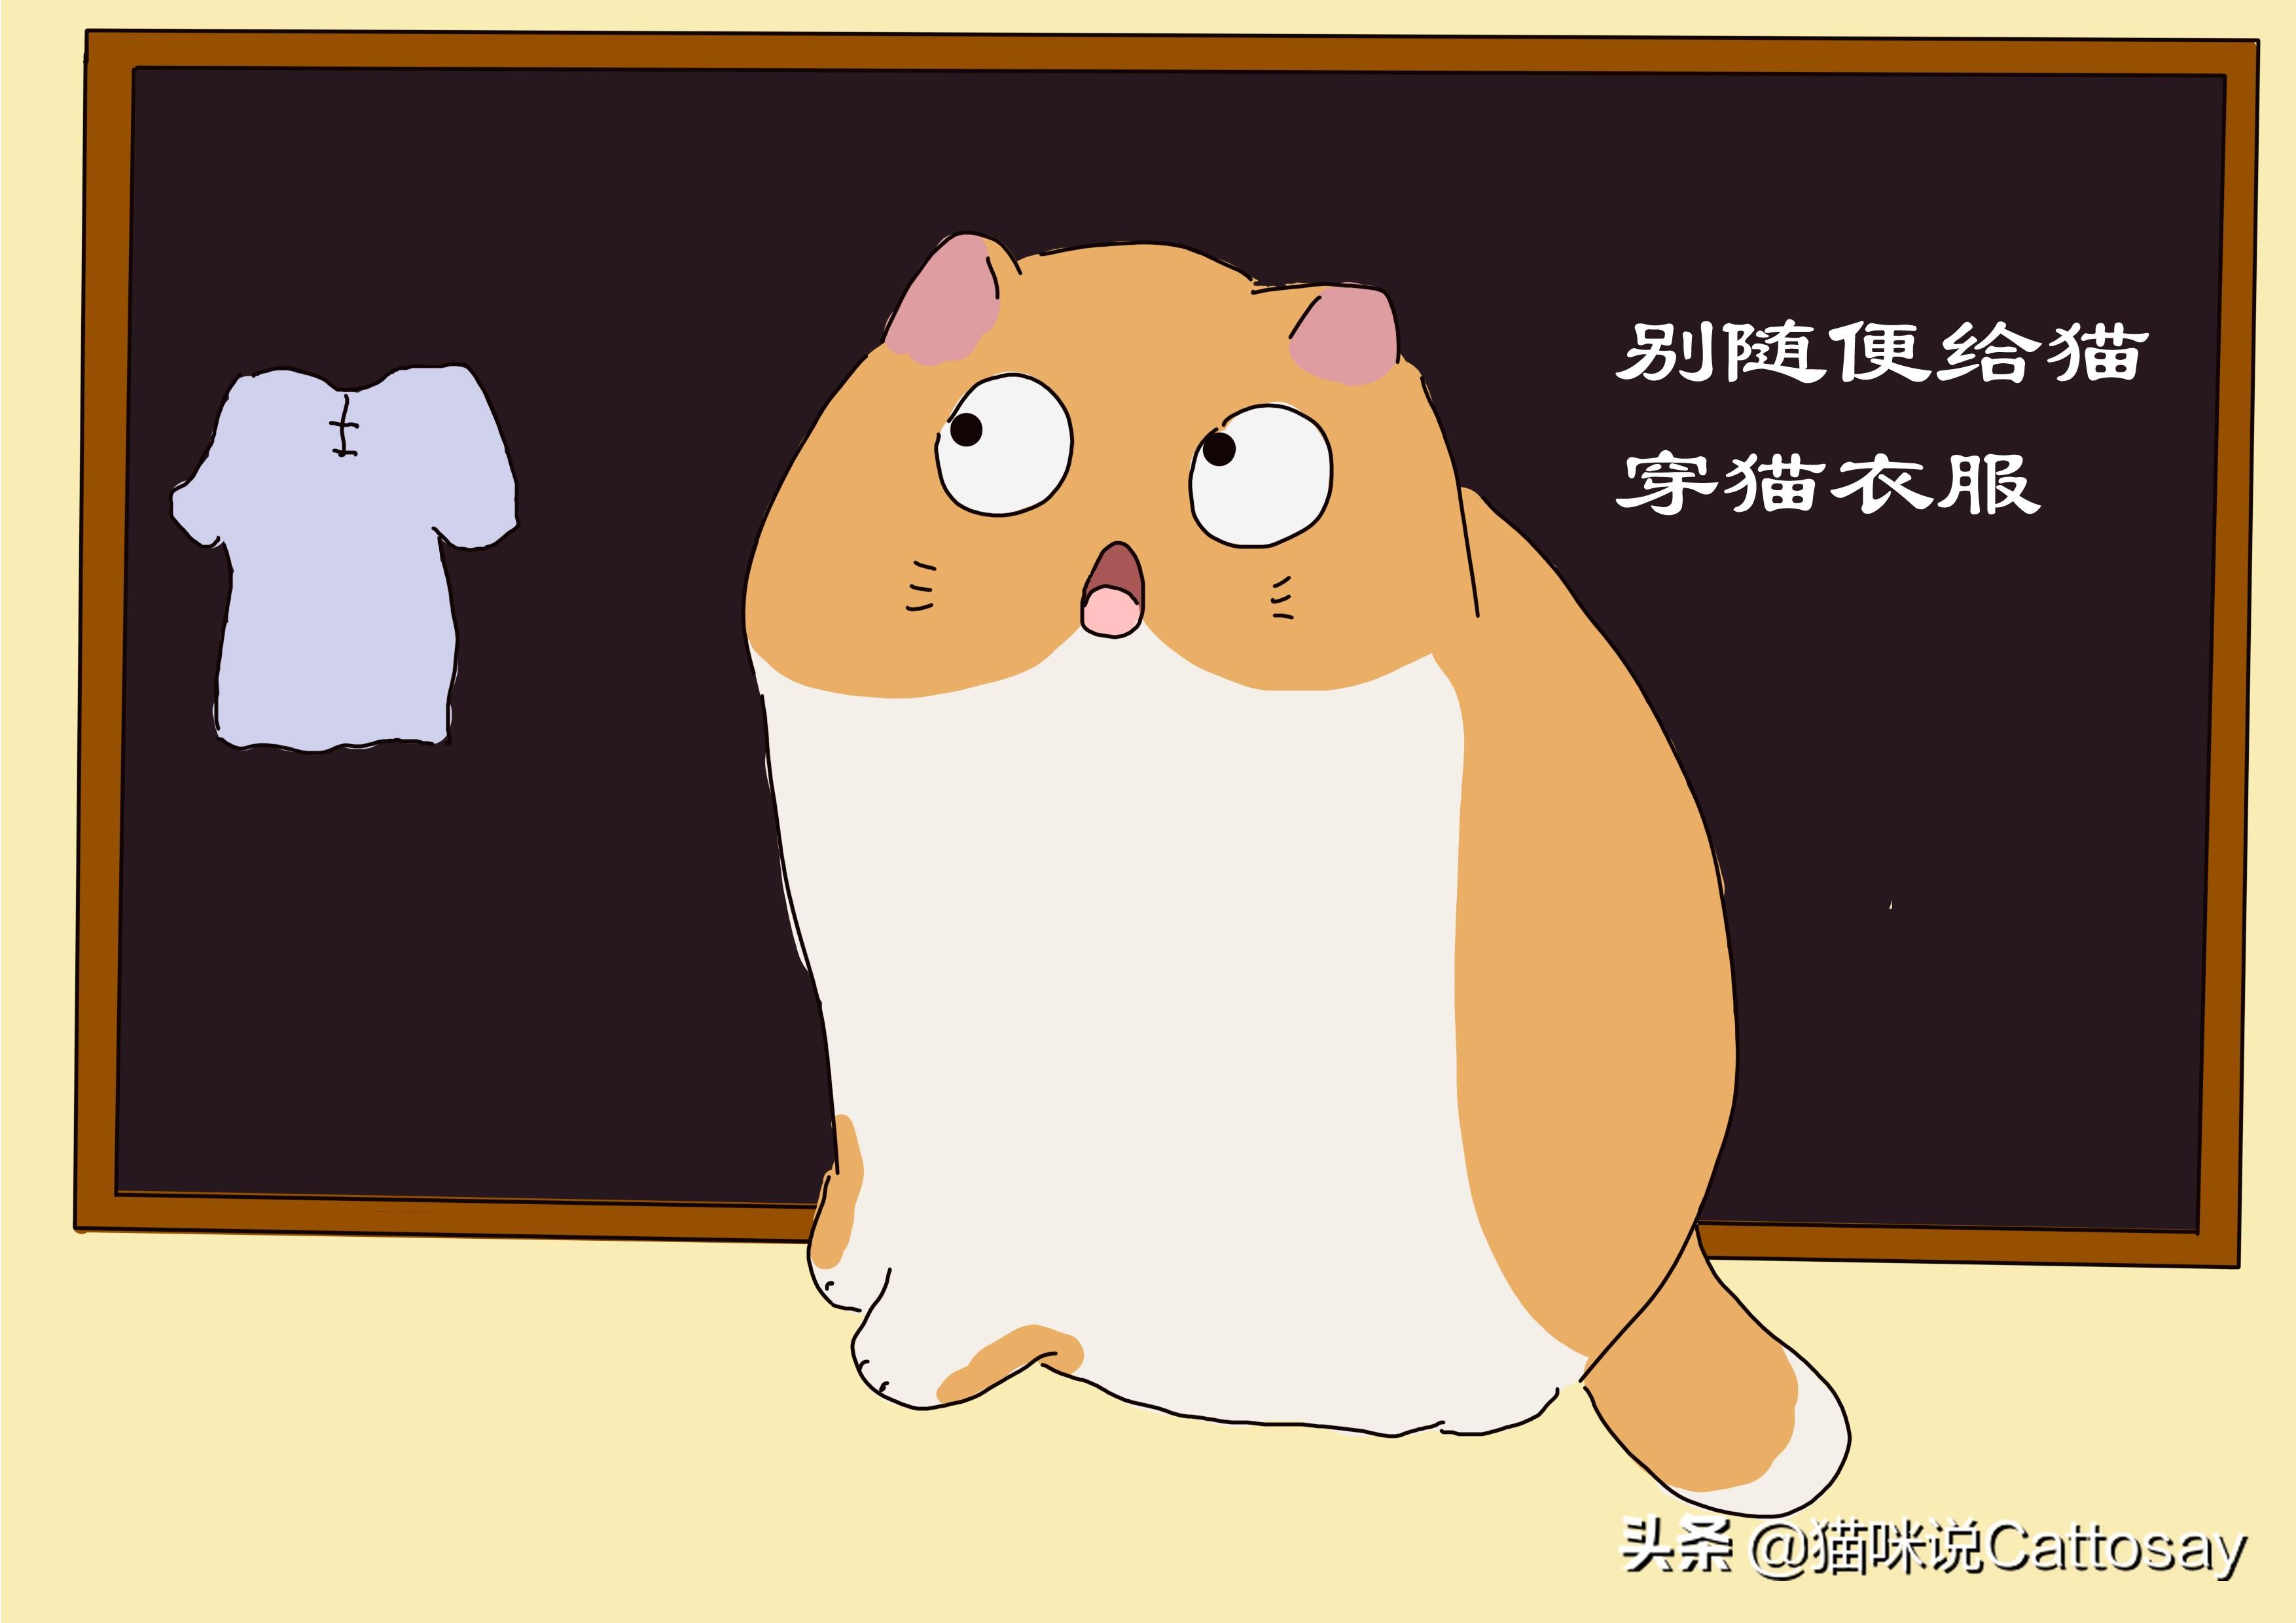 铲屎官别随便给猫穿衣服,猫并不需要衣服